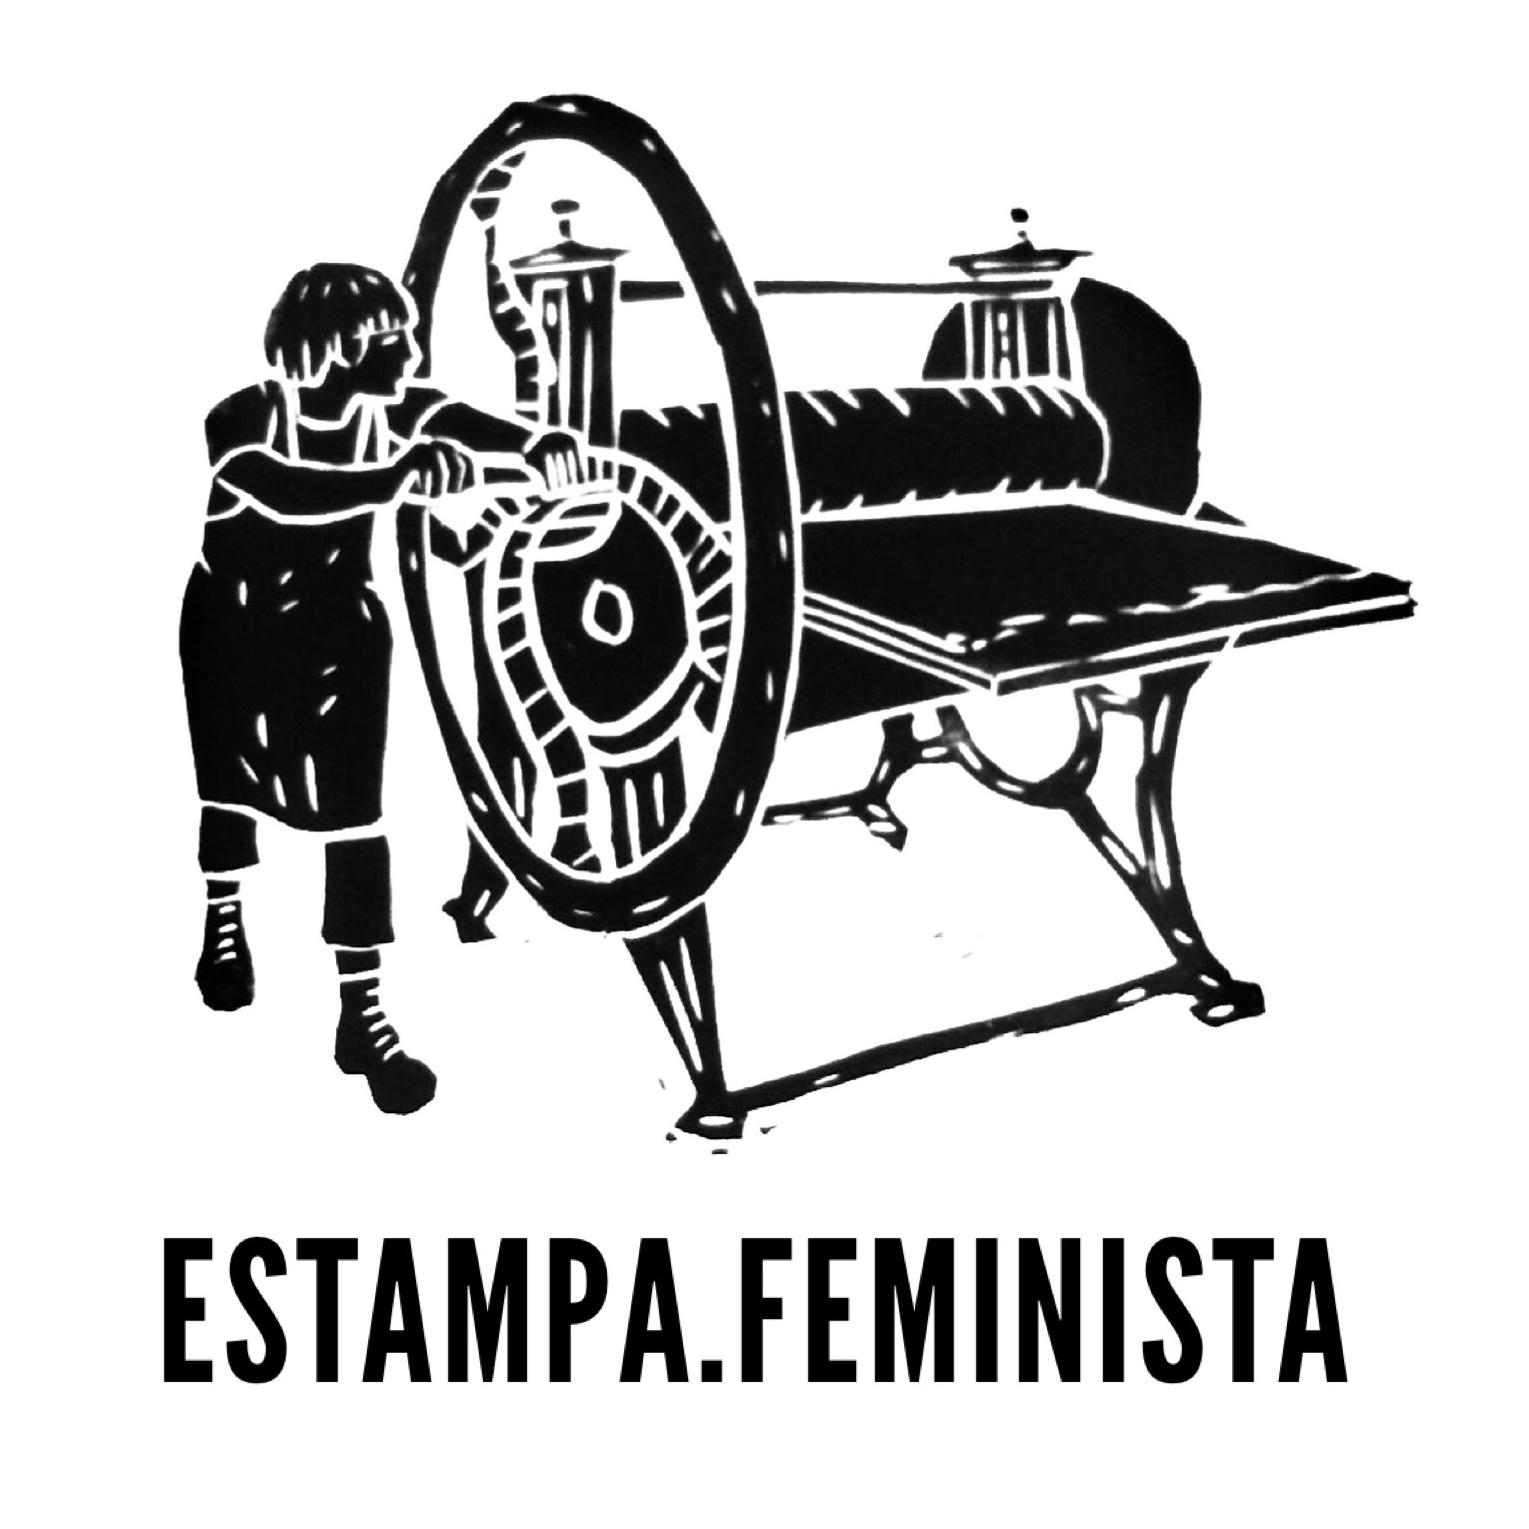 160D140C-D744-45DB-B14D-89AB12DE3E04 - ESTAMPA FEMINISTA